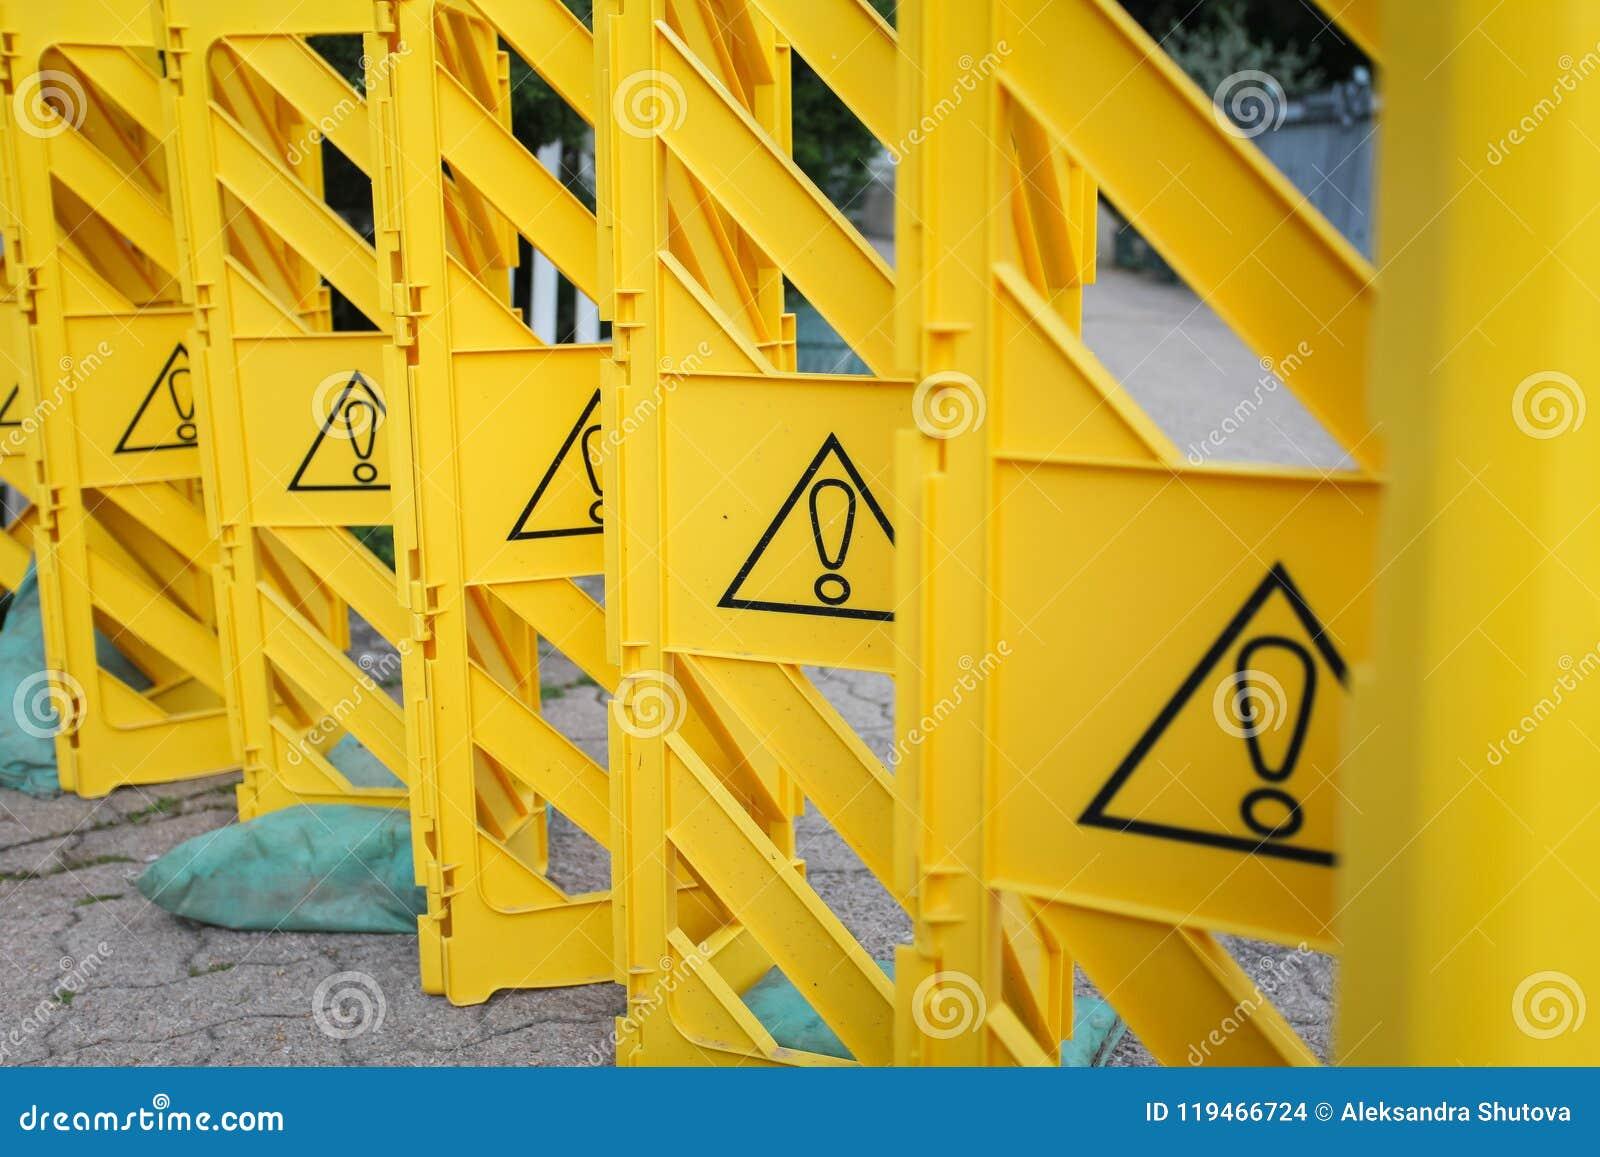 有惊叹号的黄色塑料篱芭,禁止,薪水注意的概念